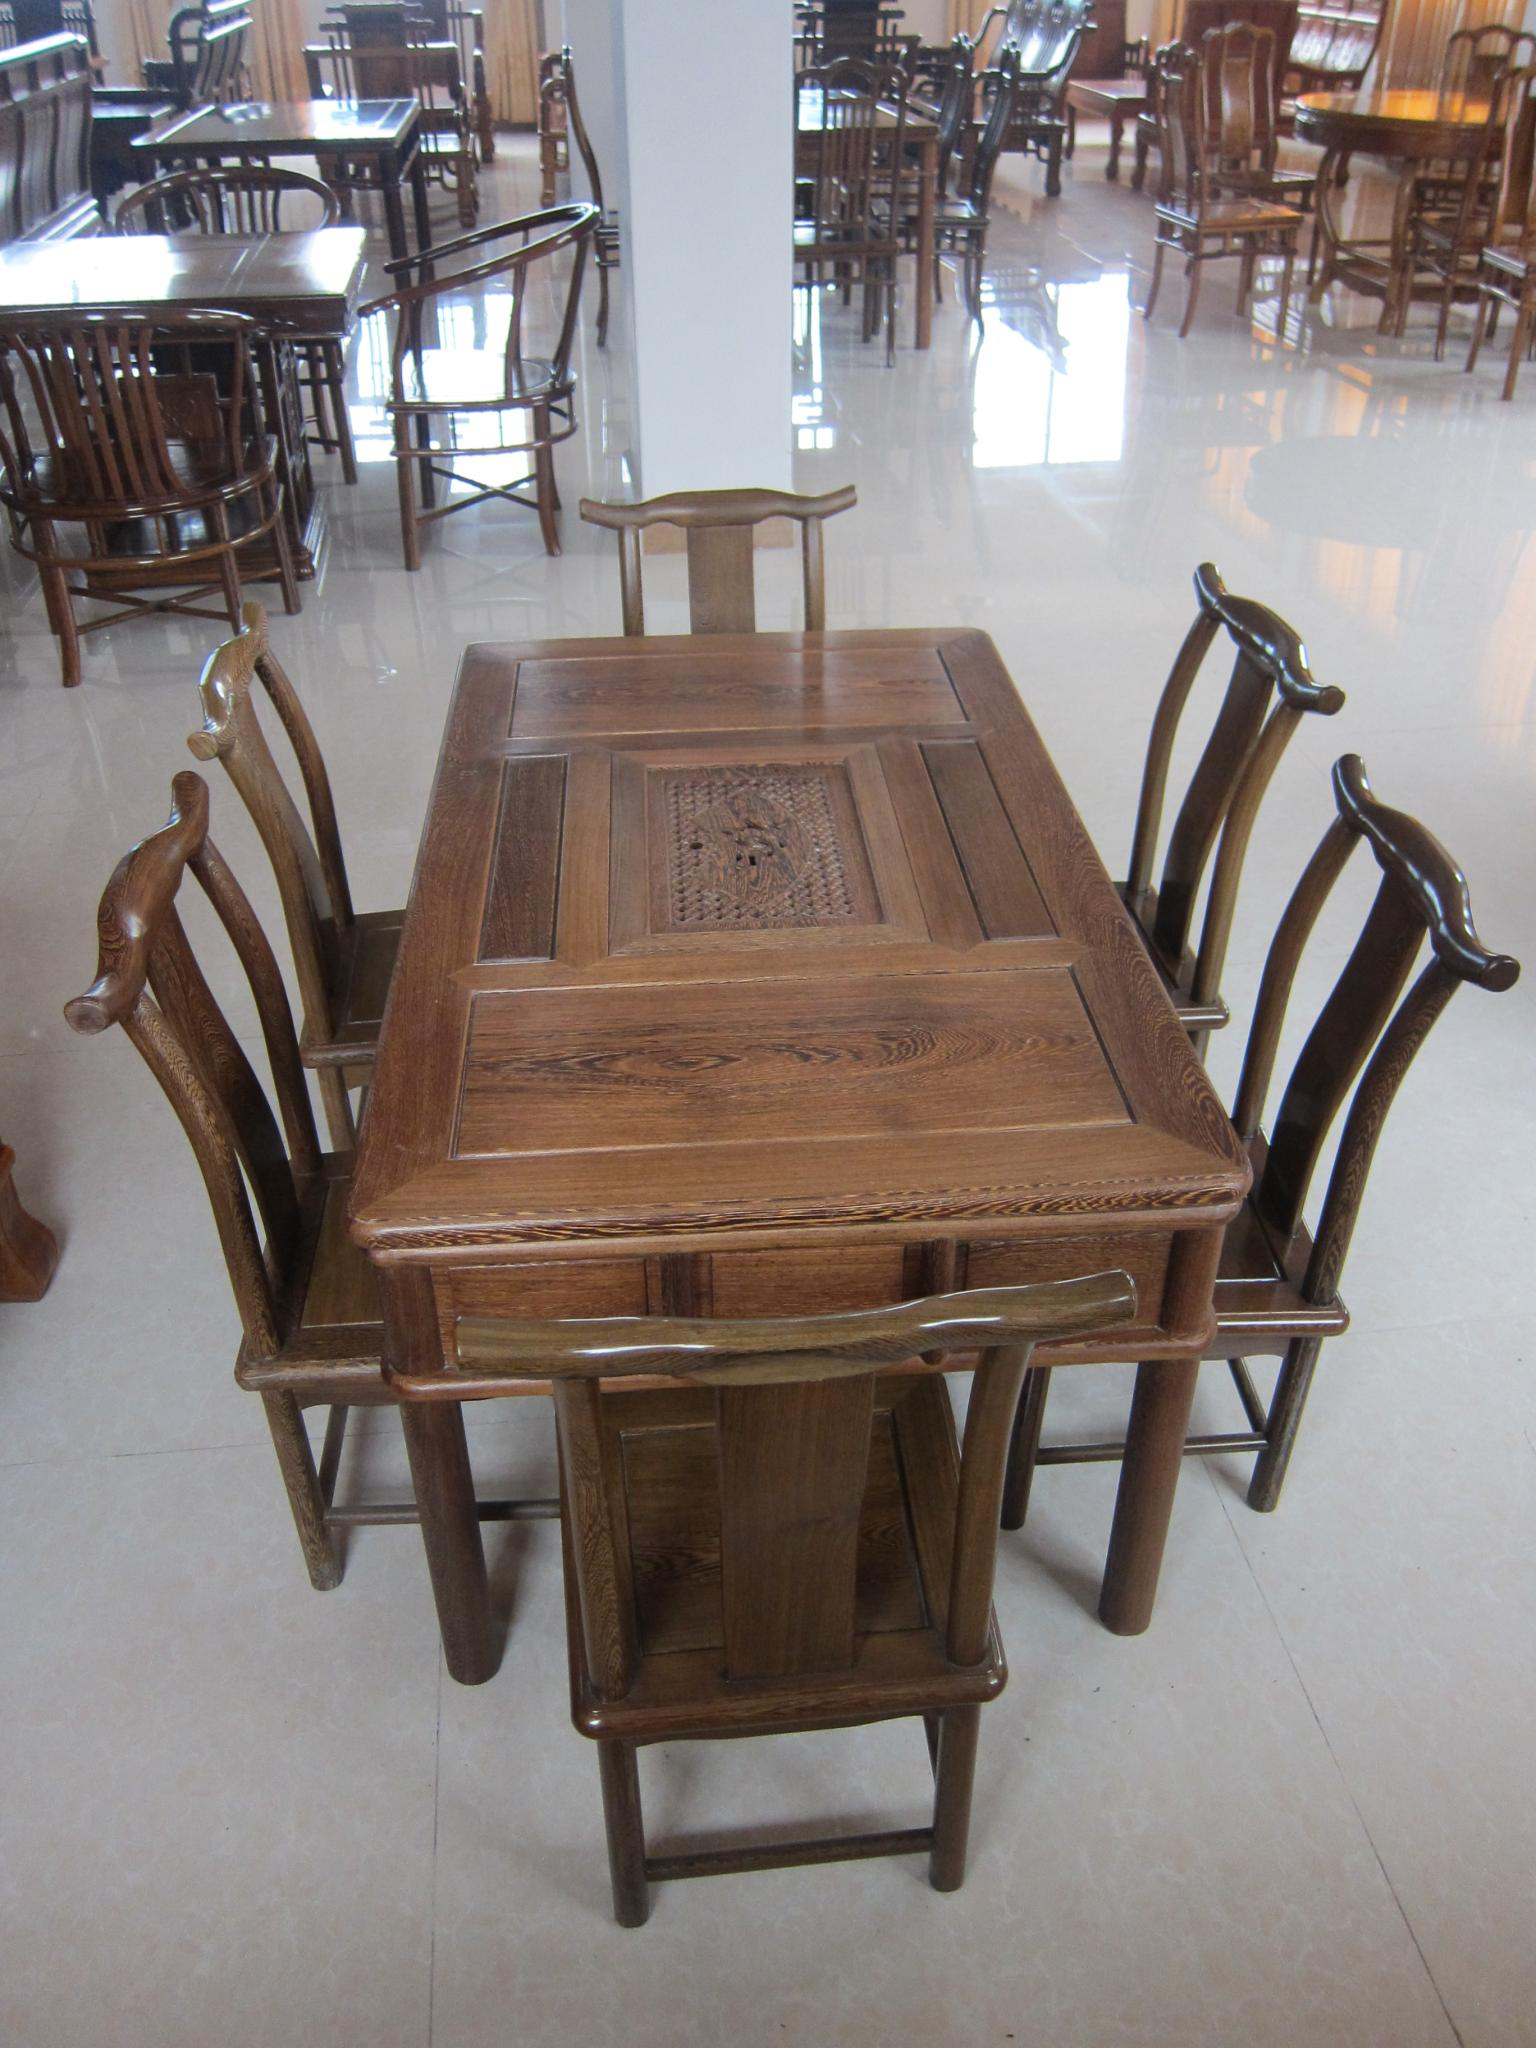 回收实木桌椅 回收实木桌椅 高价回收实木桌椅